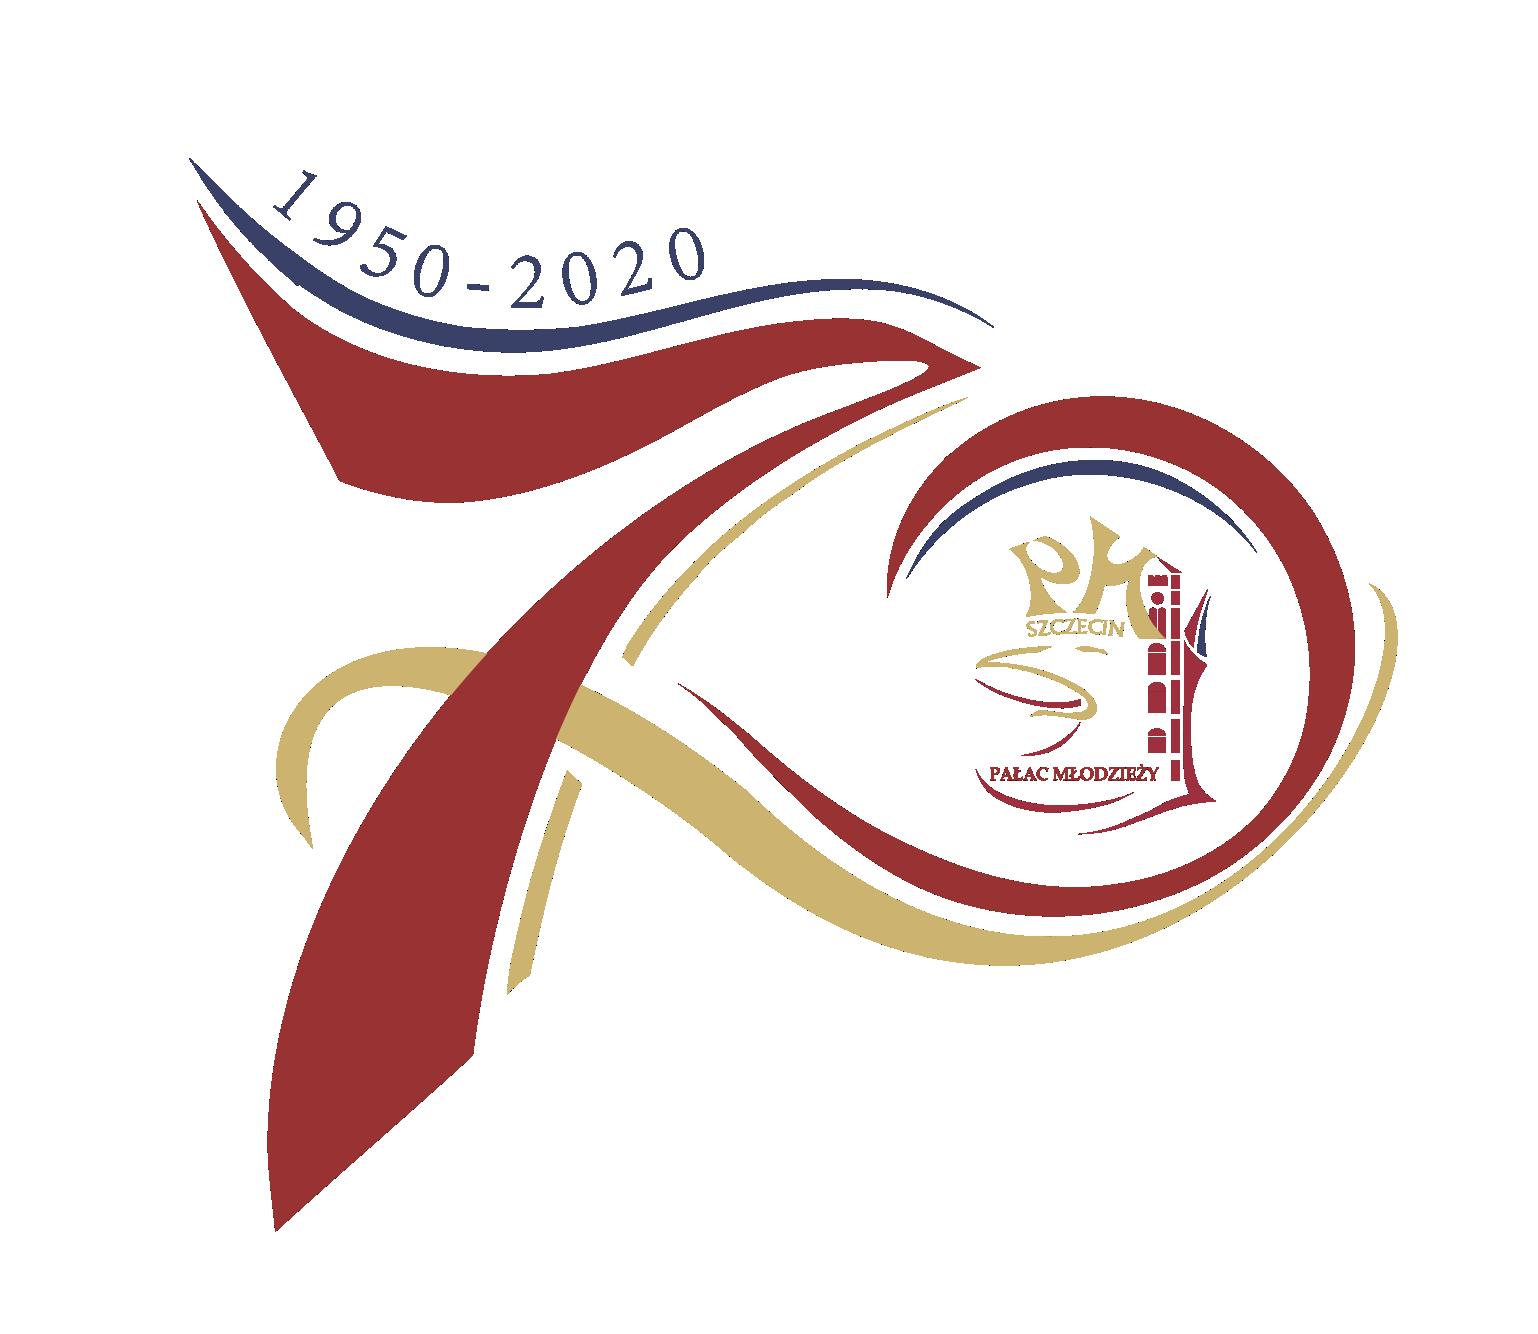 Jubileuszowe logo Pałacu Młodzieży z okazji siedemdziesięciolecia. Logo w kolorze bordowo-złotych